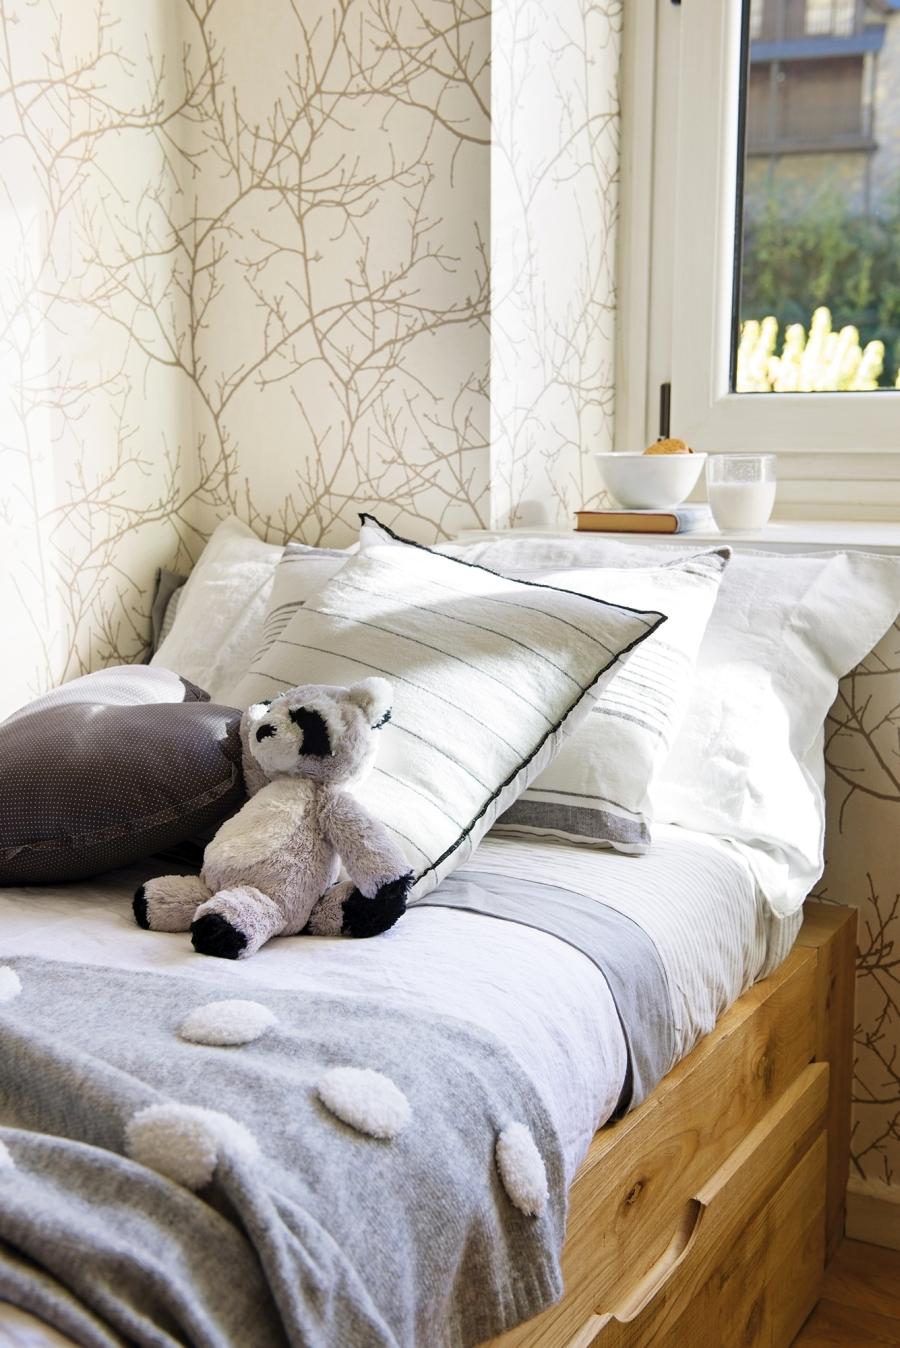 Królestwo szarości i drewna, wystrój wnętrz, wnętrza, urządzanie domu, dekoracje wnętrz, aranżacja wnętrz, inspiracje wnętrz,interior design , dom i wnętrze, aranżacja mieszkania, modne wnętrza, szare wnętrza, białe wnętrza, styl skandynawski, scandinavian style, pokój dziecięcy, tipi, łóżko piętrowe, łóżko na antresoli, antresola